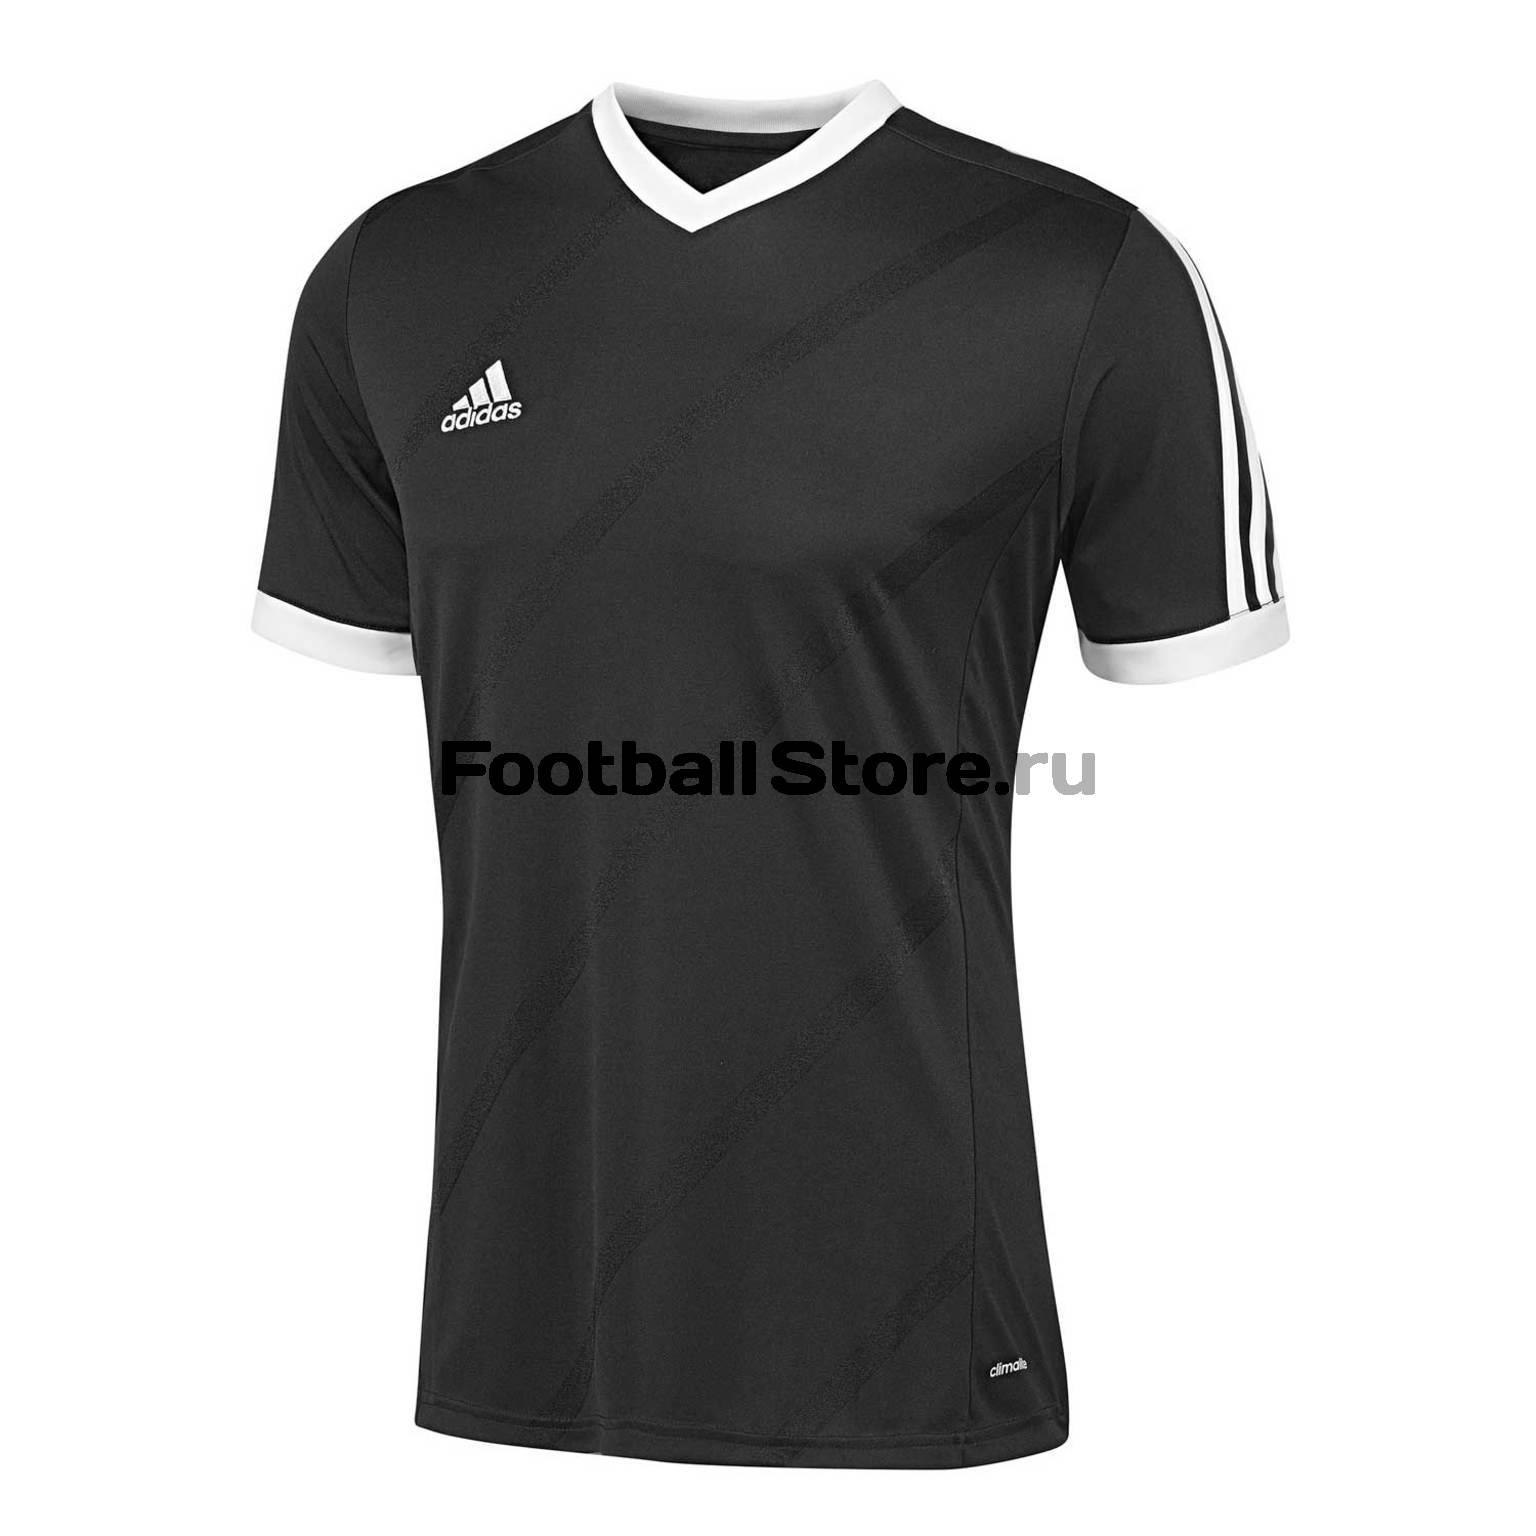 Игровая форма Adidas Футболка игровая Adidas Tabe F50269